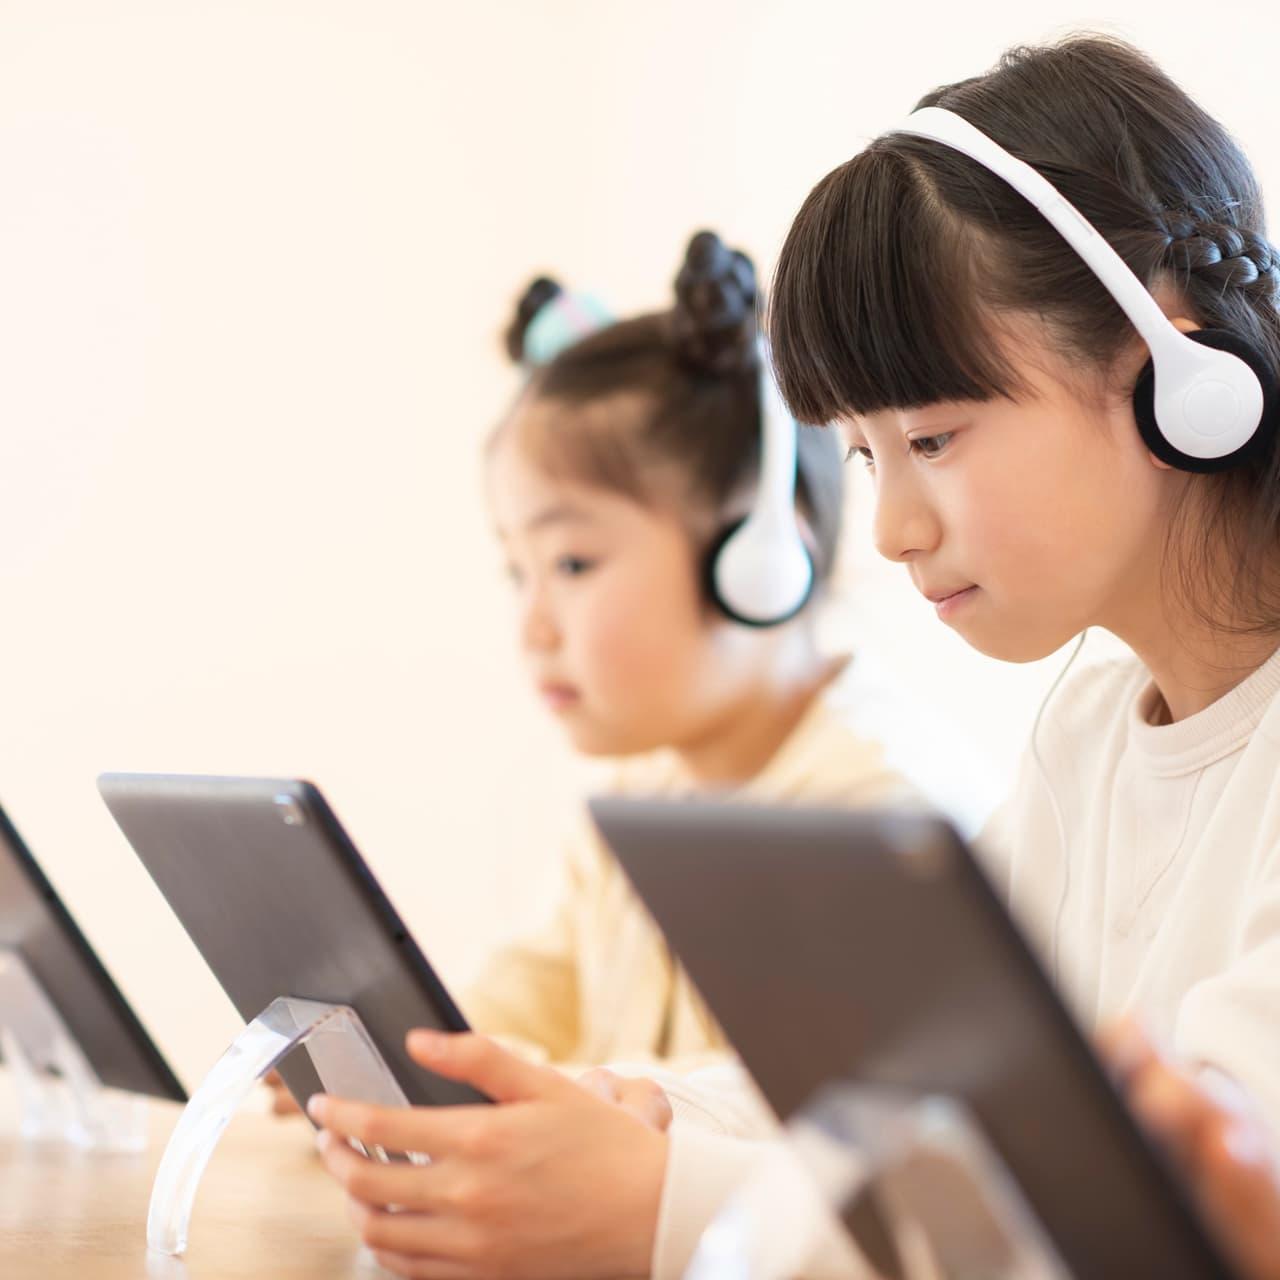 【教育×ICT】電子化するだけの『GIGAスクール構想』に意味はない